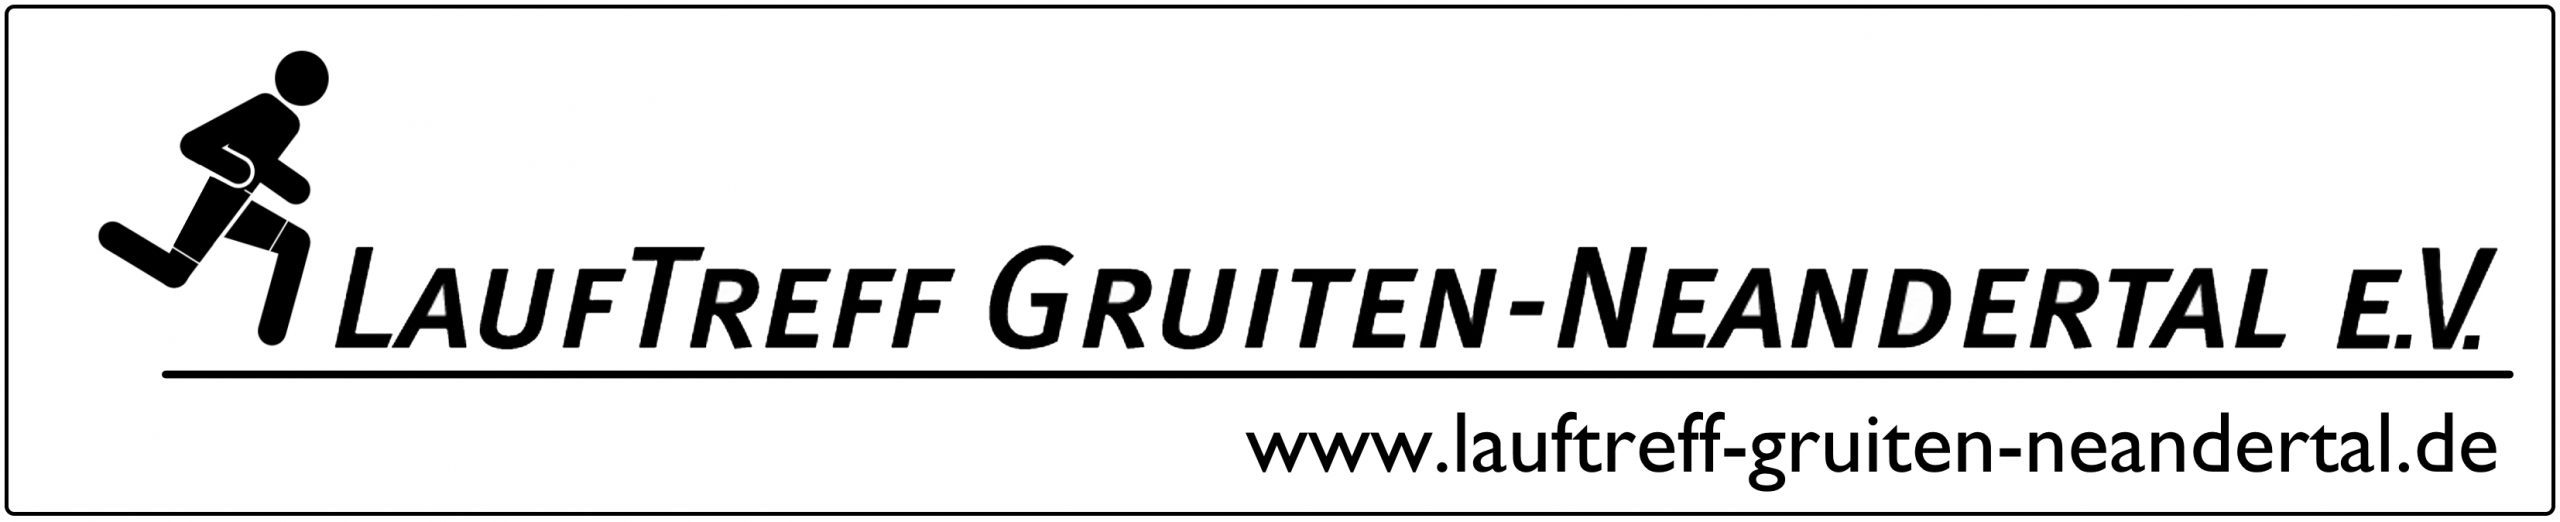 Lauftreff Gruiten-Neandertal e.V.